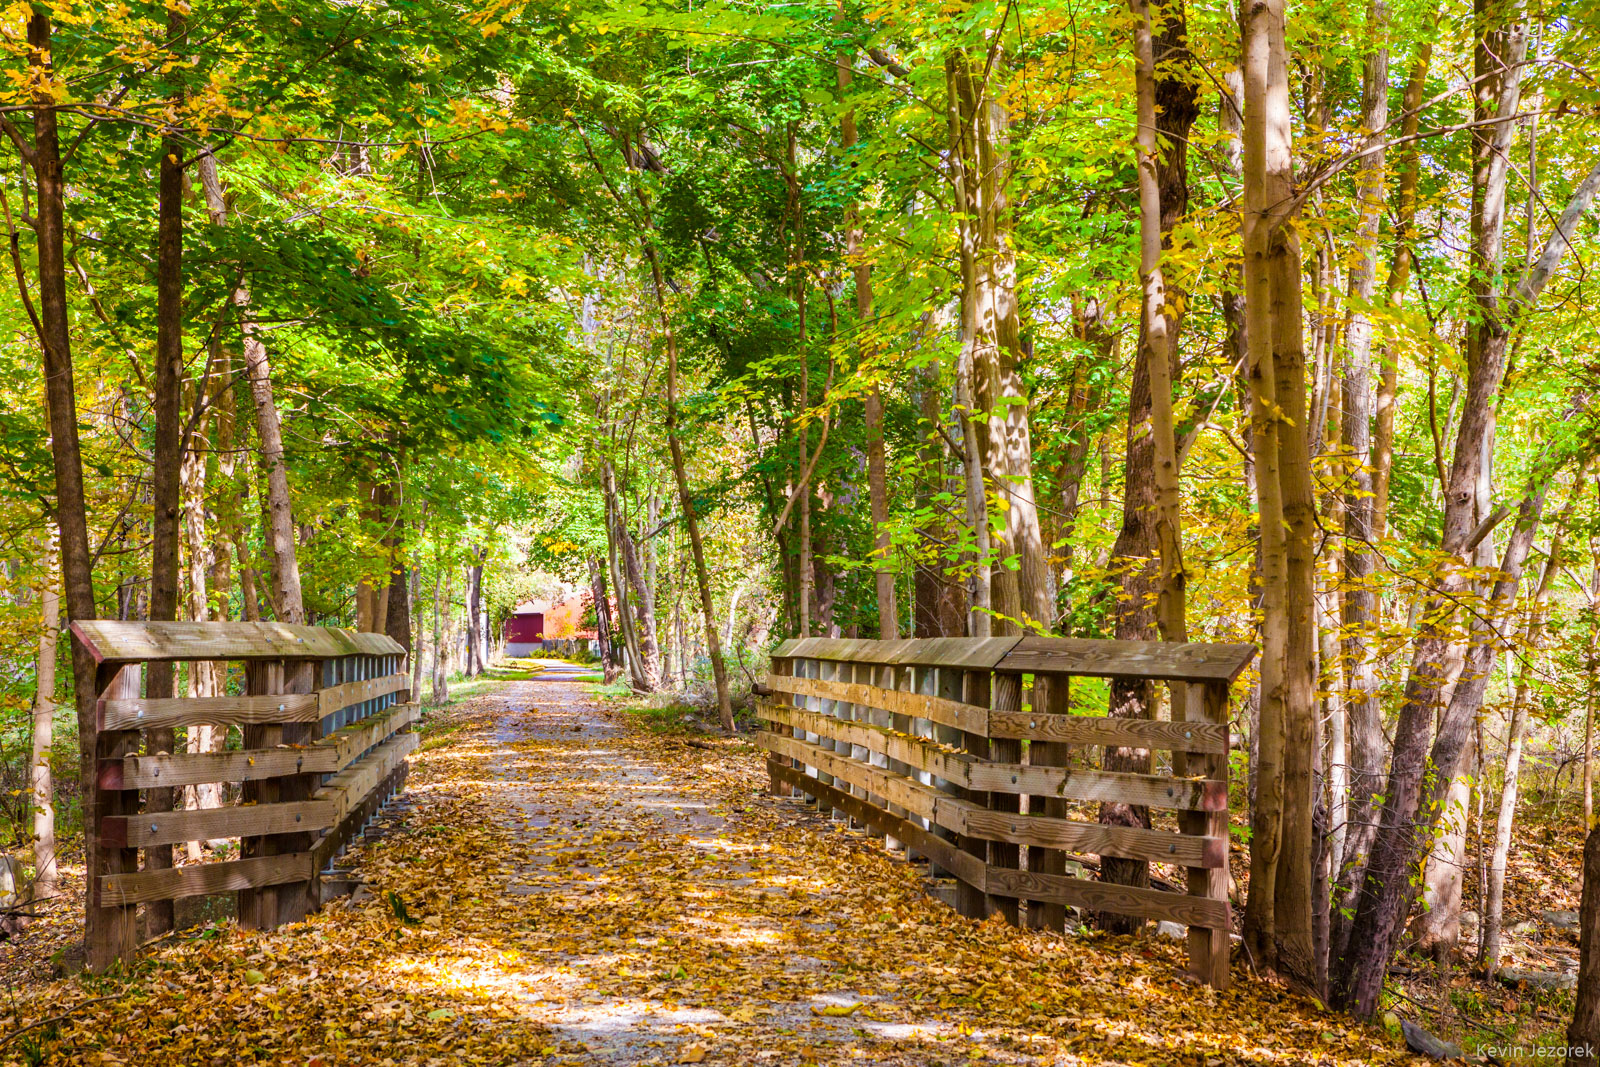 Landsdown trail